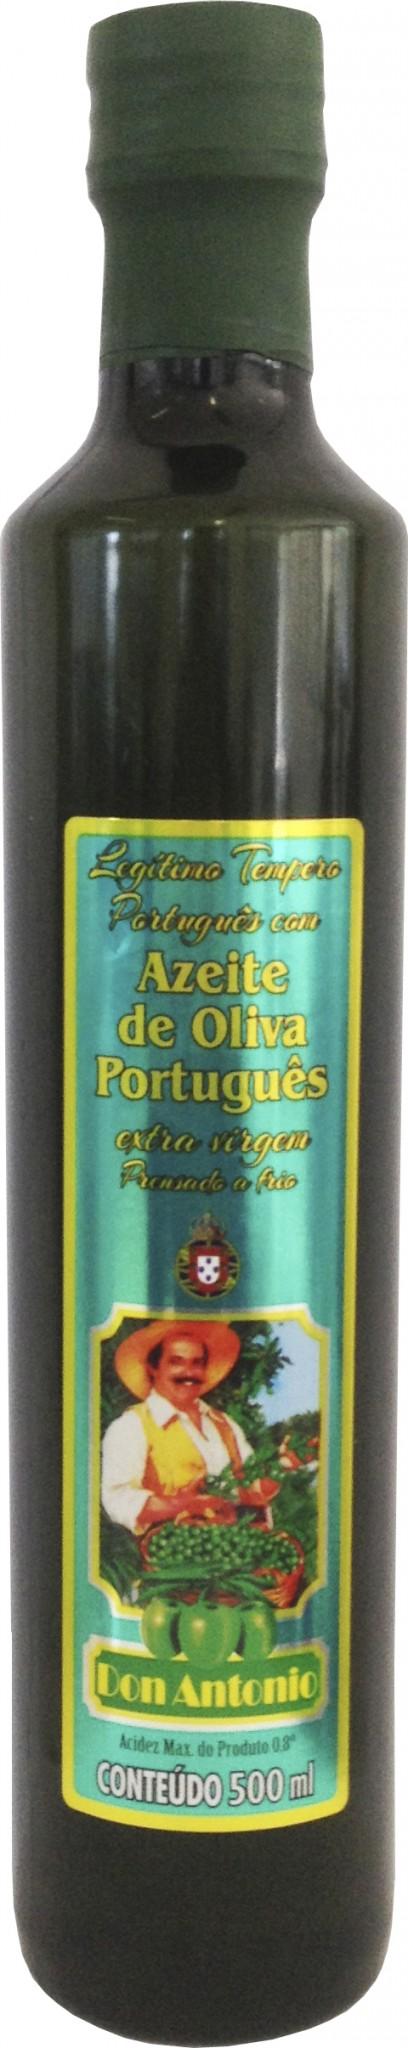 Azeite Don Antonio EV Inquebrável 500ml